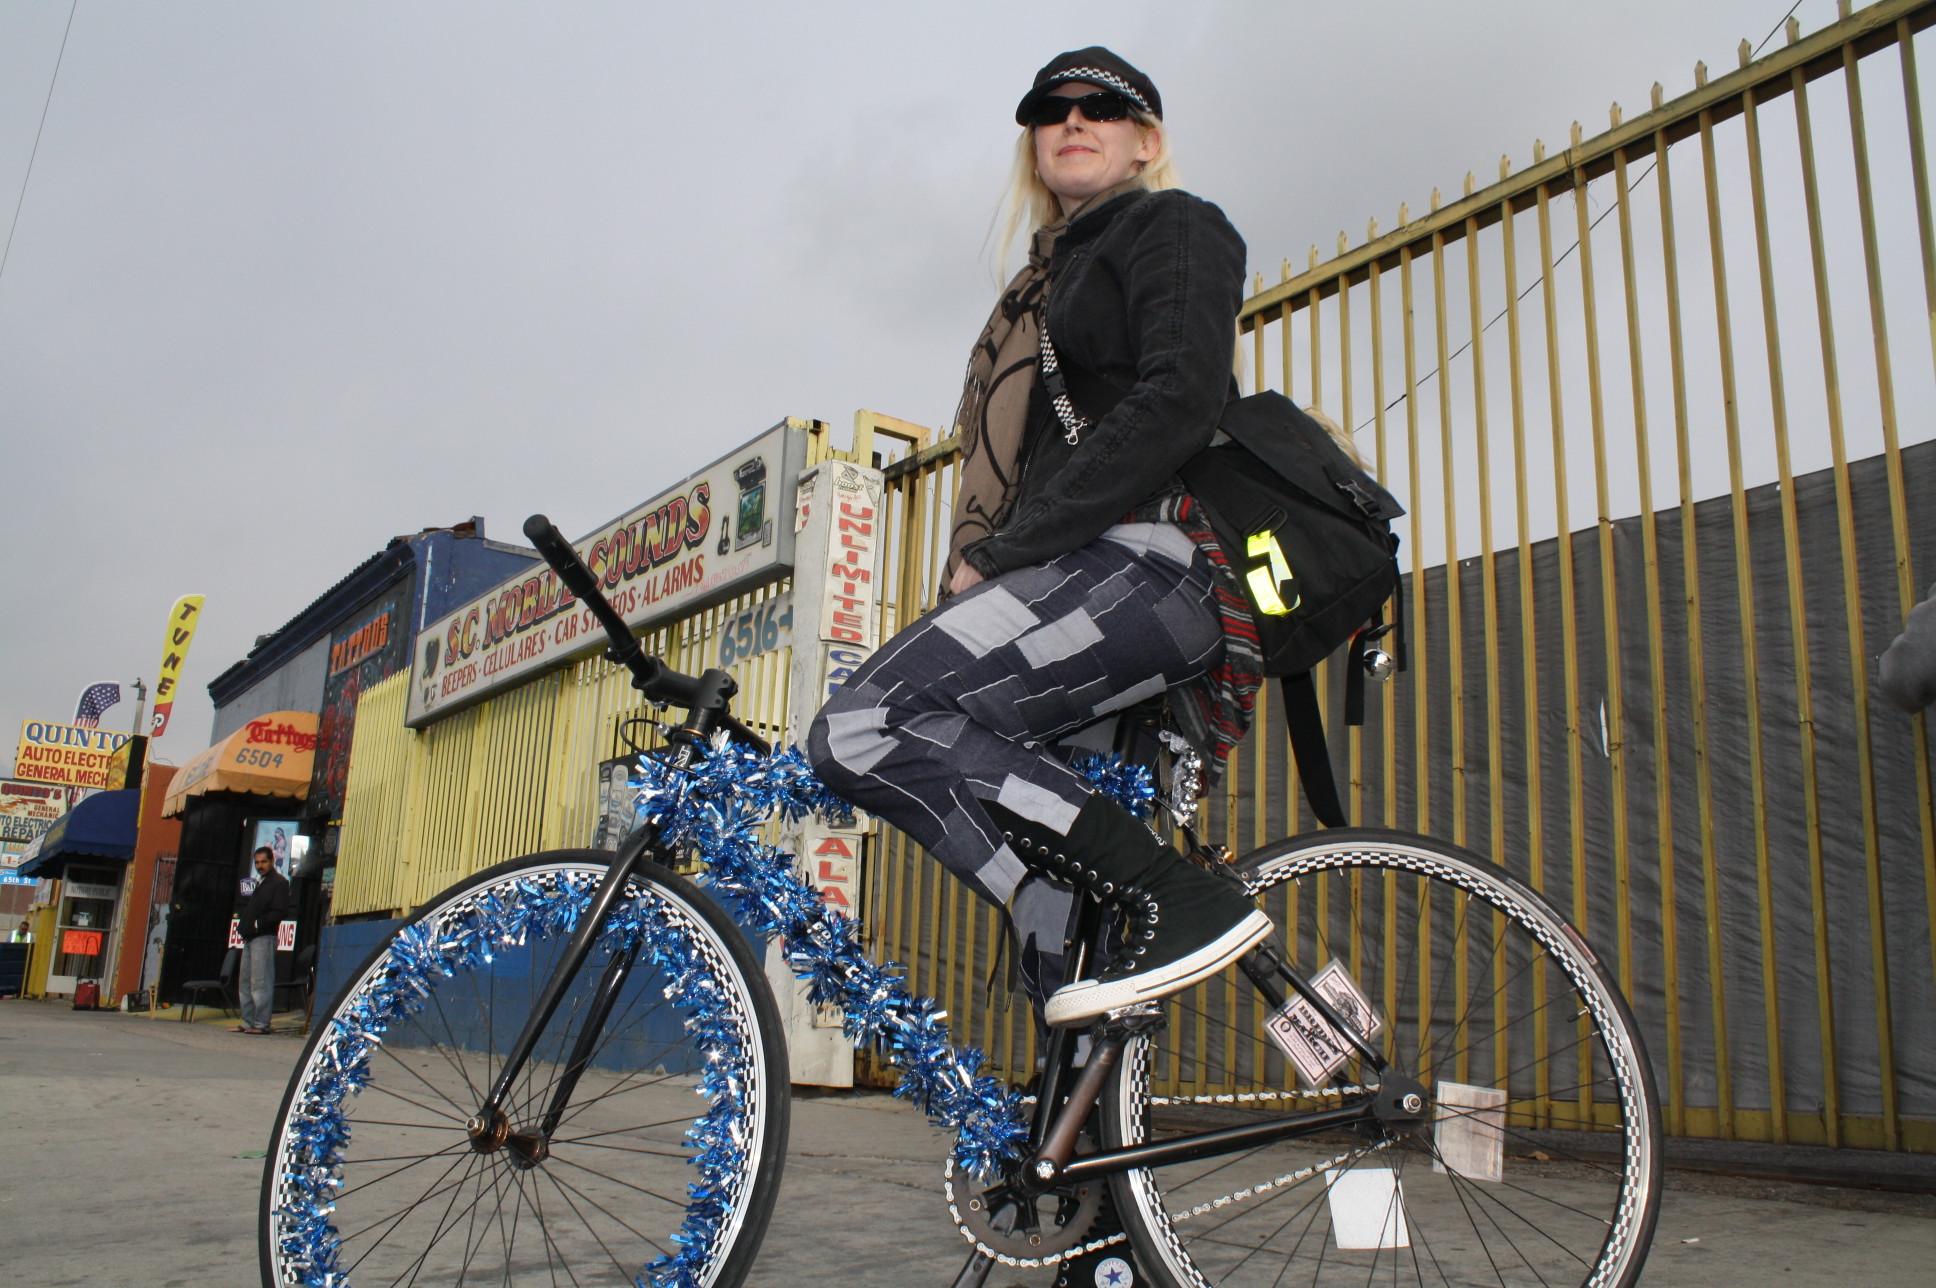 Como la bicicleta de Celest es su vehículo de transporte diario cada año le gusta mostrar su espíritu navideño (Foto Agustín Durán/El Pasajero).